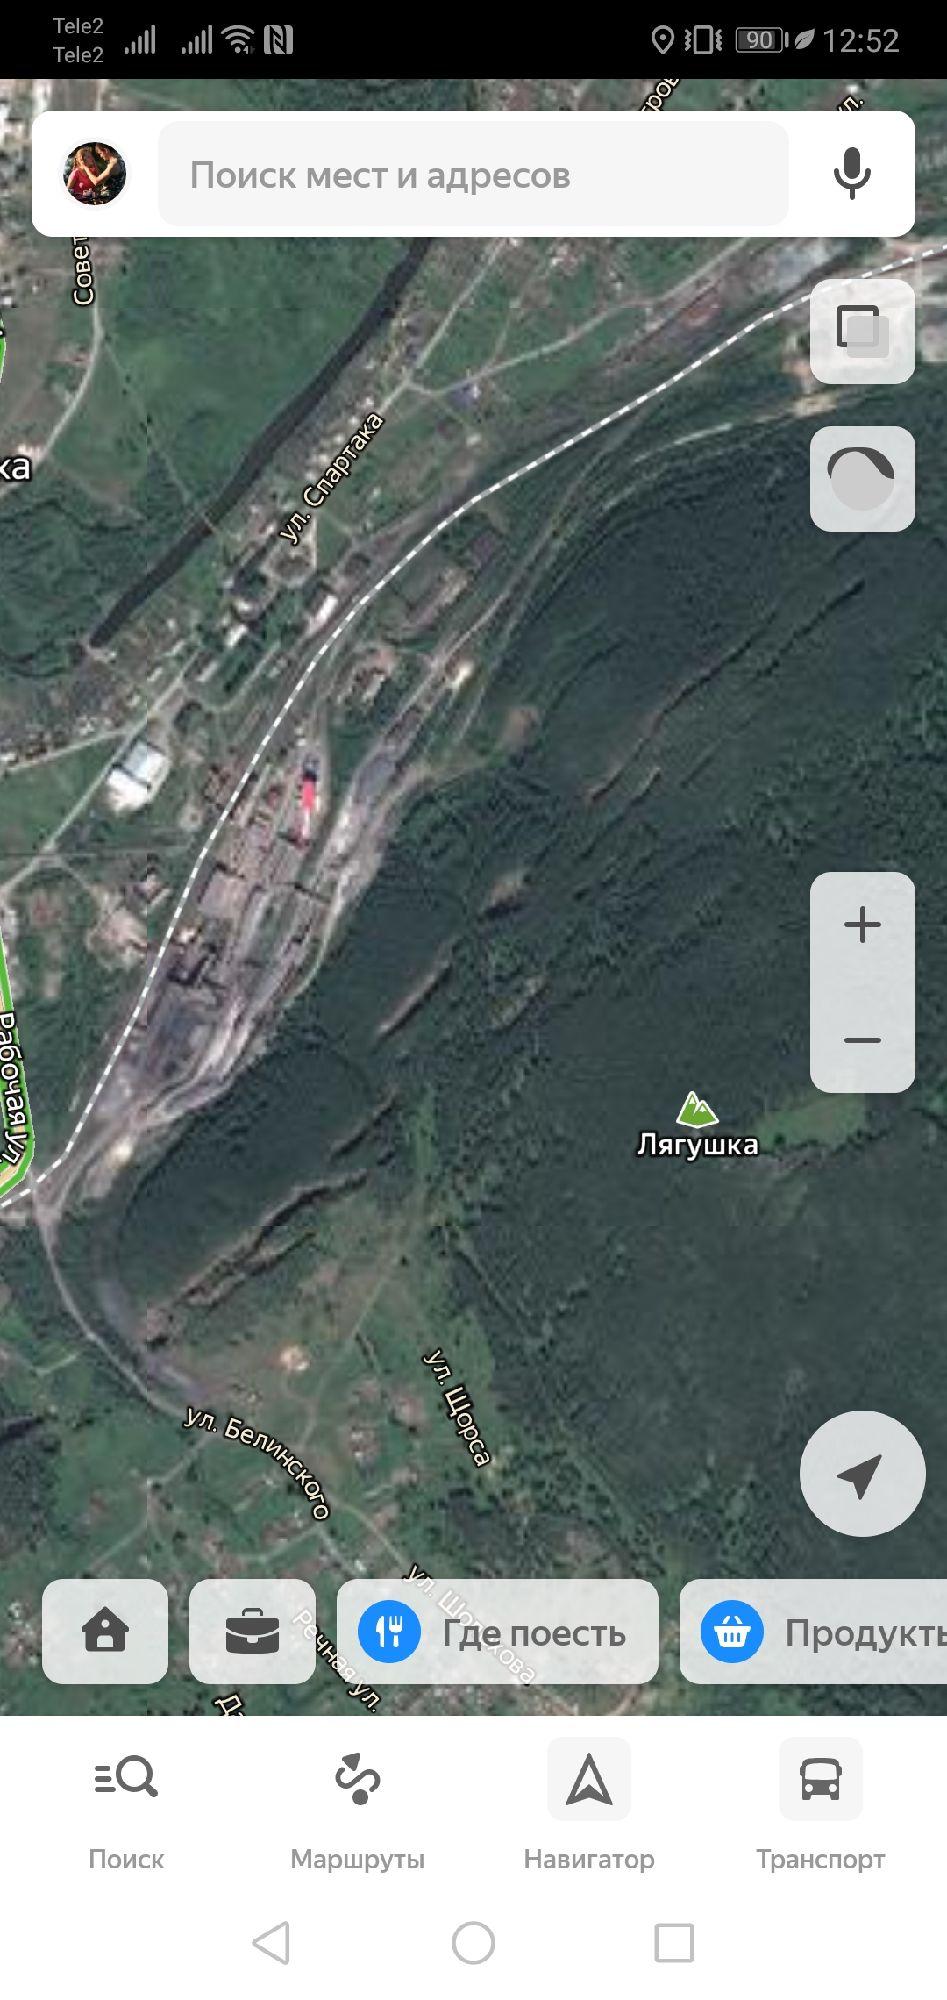 Провалы хорошо видны на спутниковых снимках